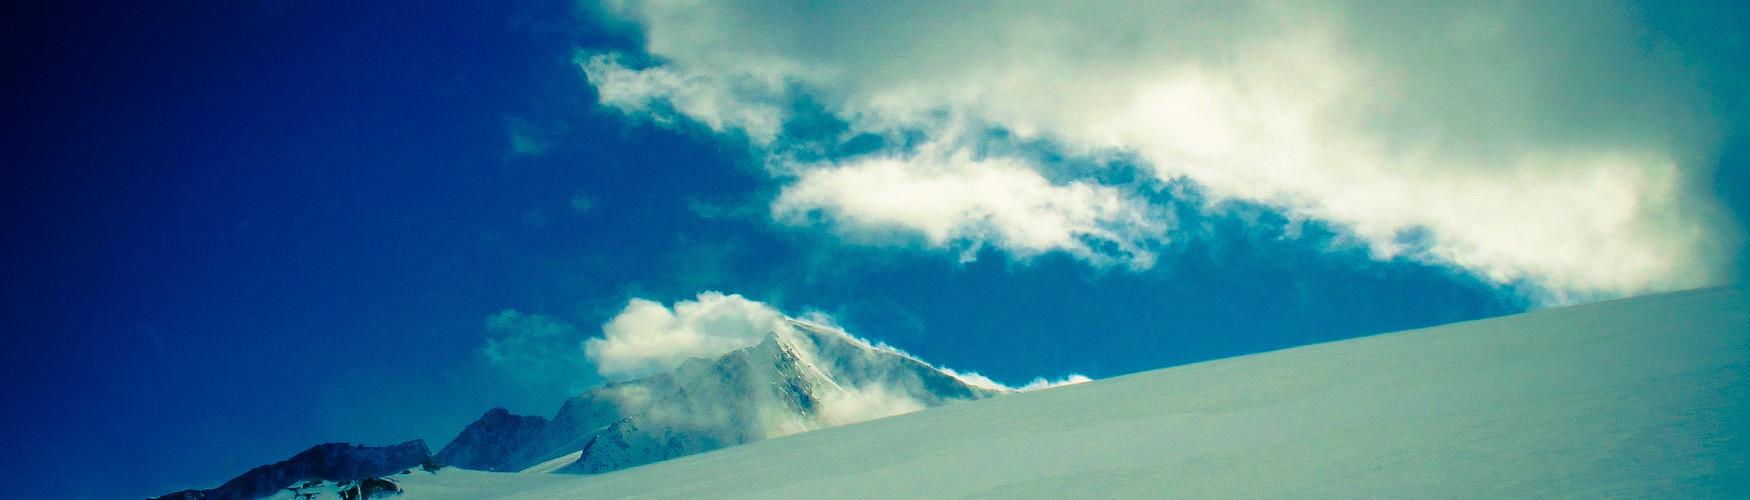 Skidurchquerung Tauern Region